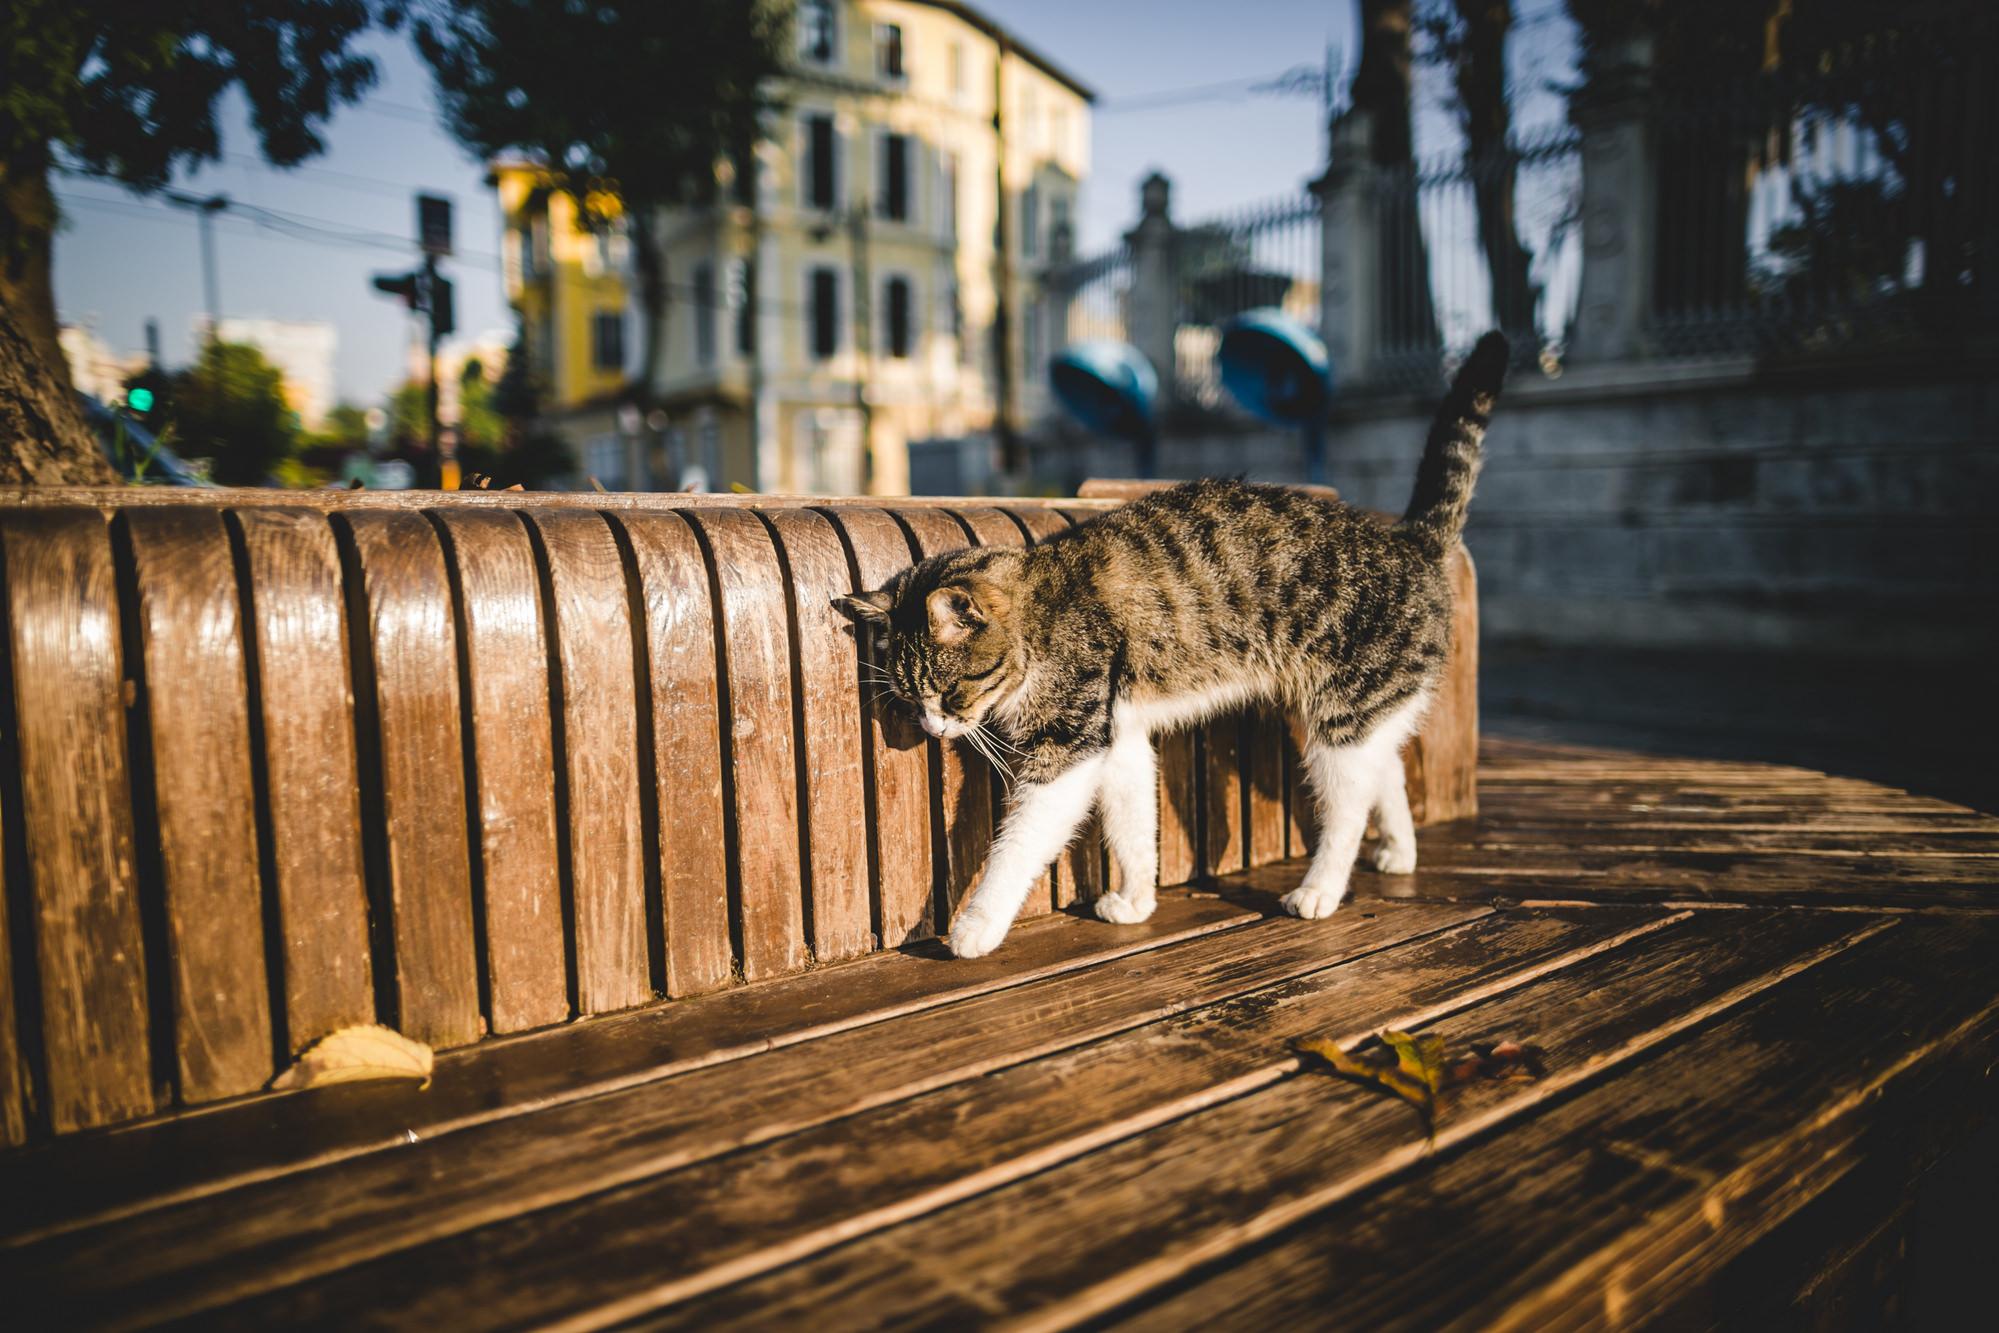 Как найти кошку, которая убежала?